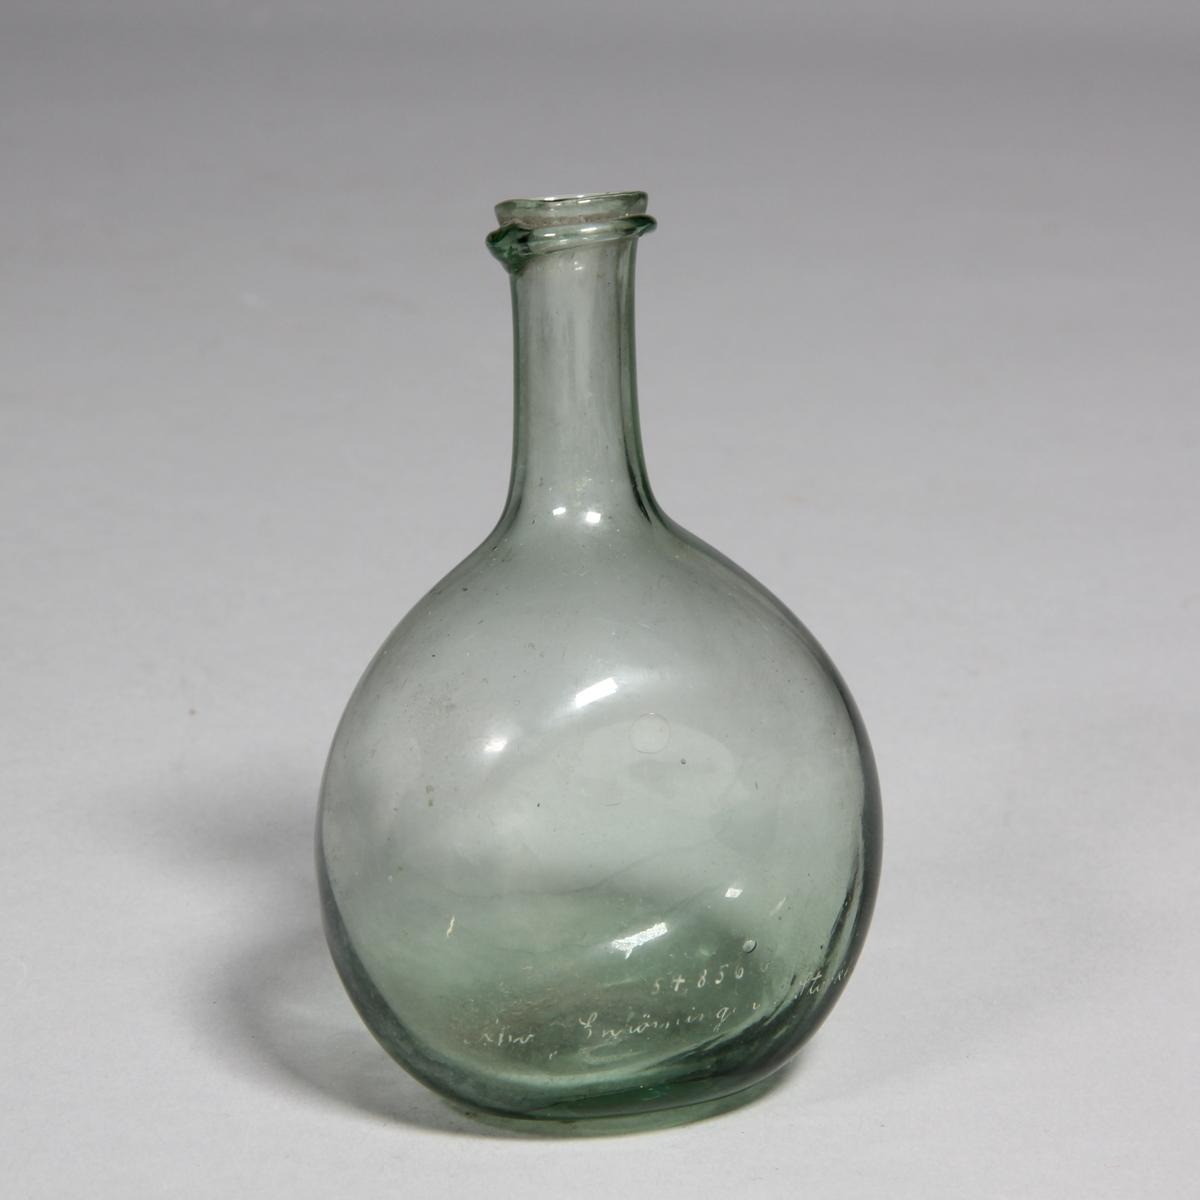 Flaska av grönt glas, rund med tillplattade sidor, lång hals.